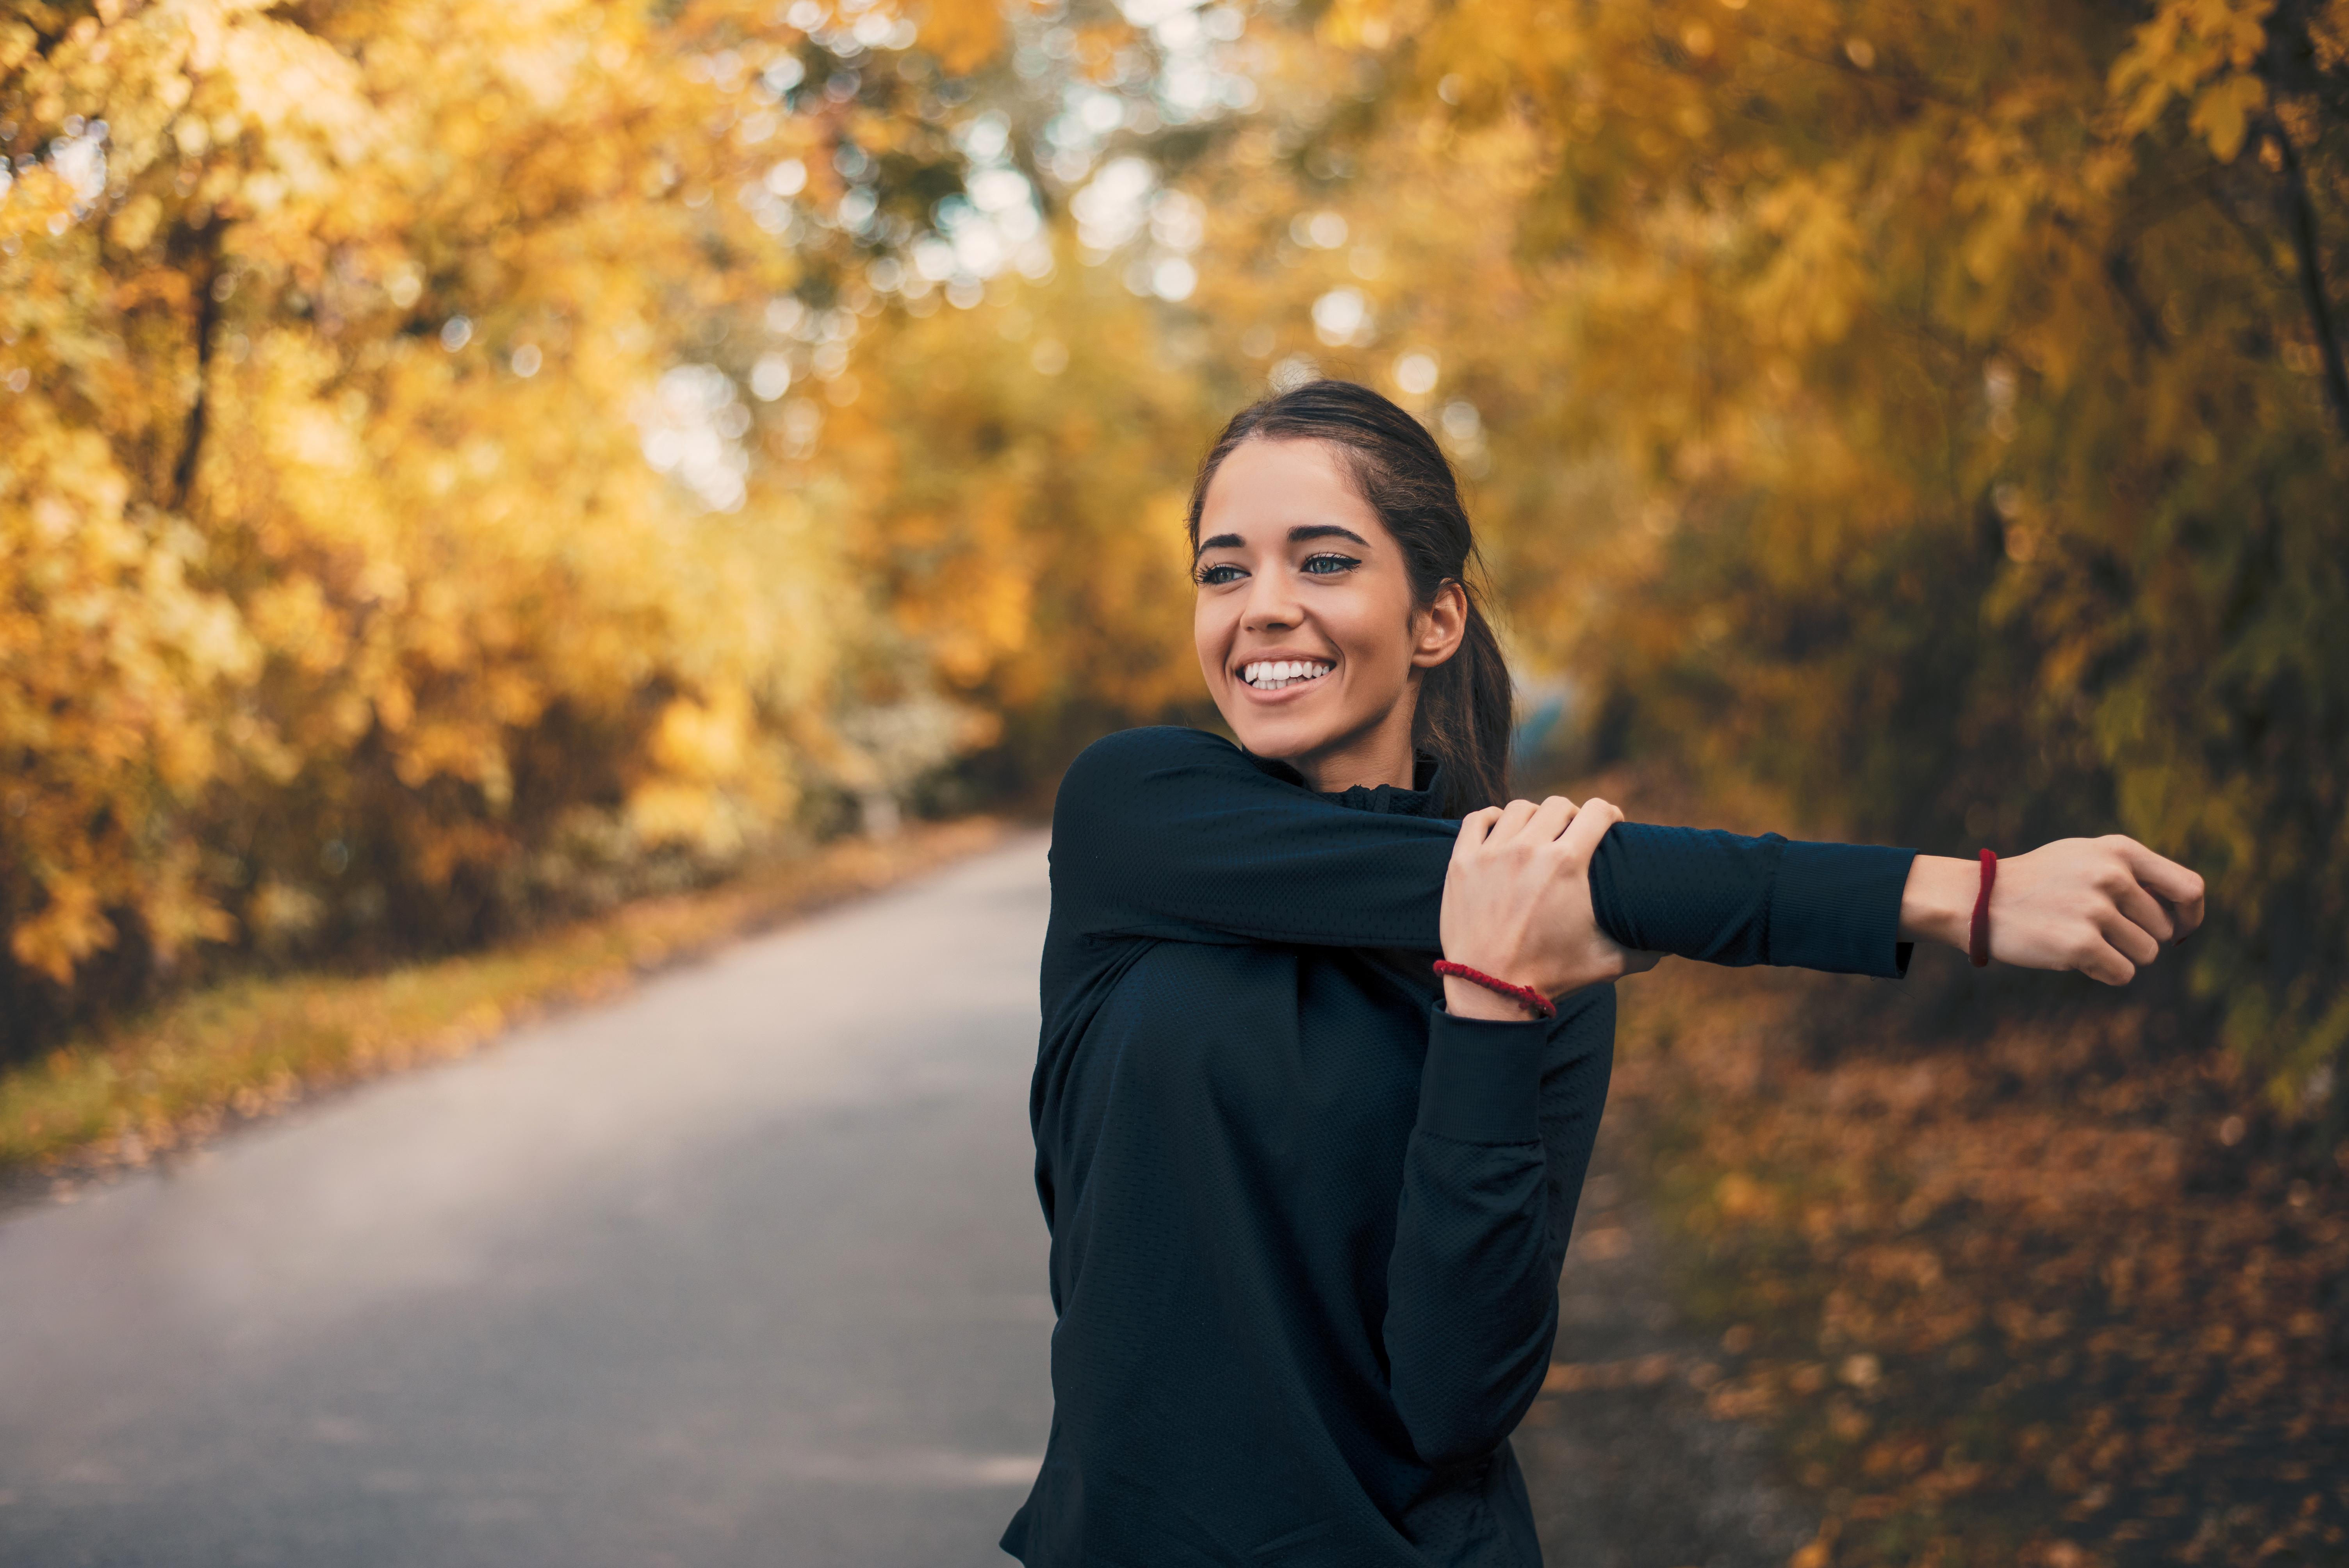 Як правильно розтягуватися після фізичних навантажень: гід по всіх частинах тіла